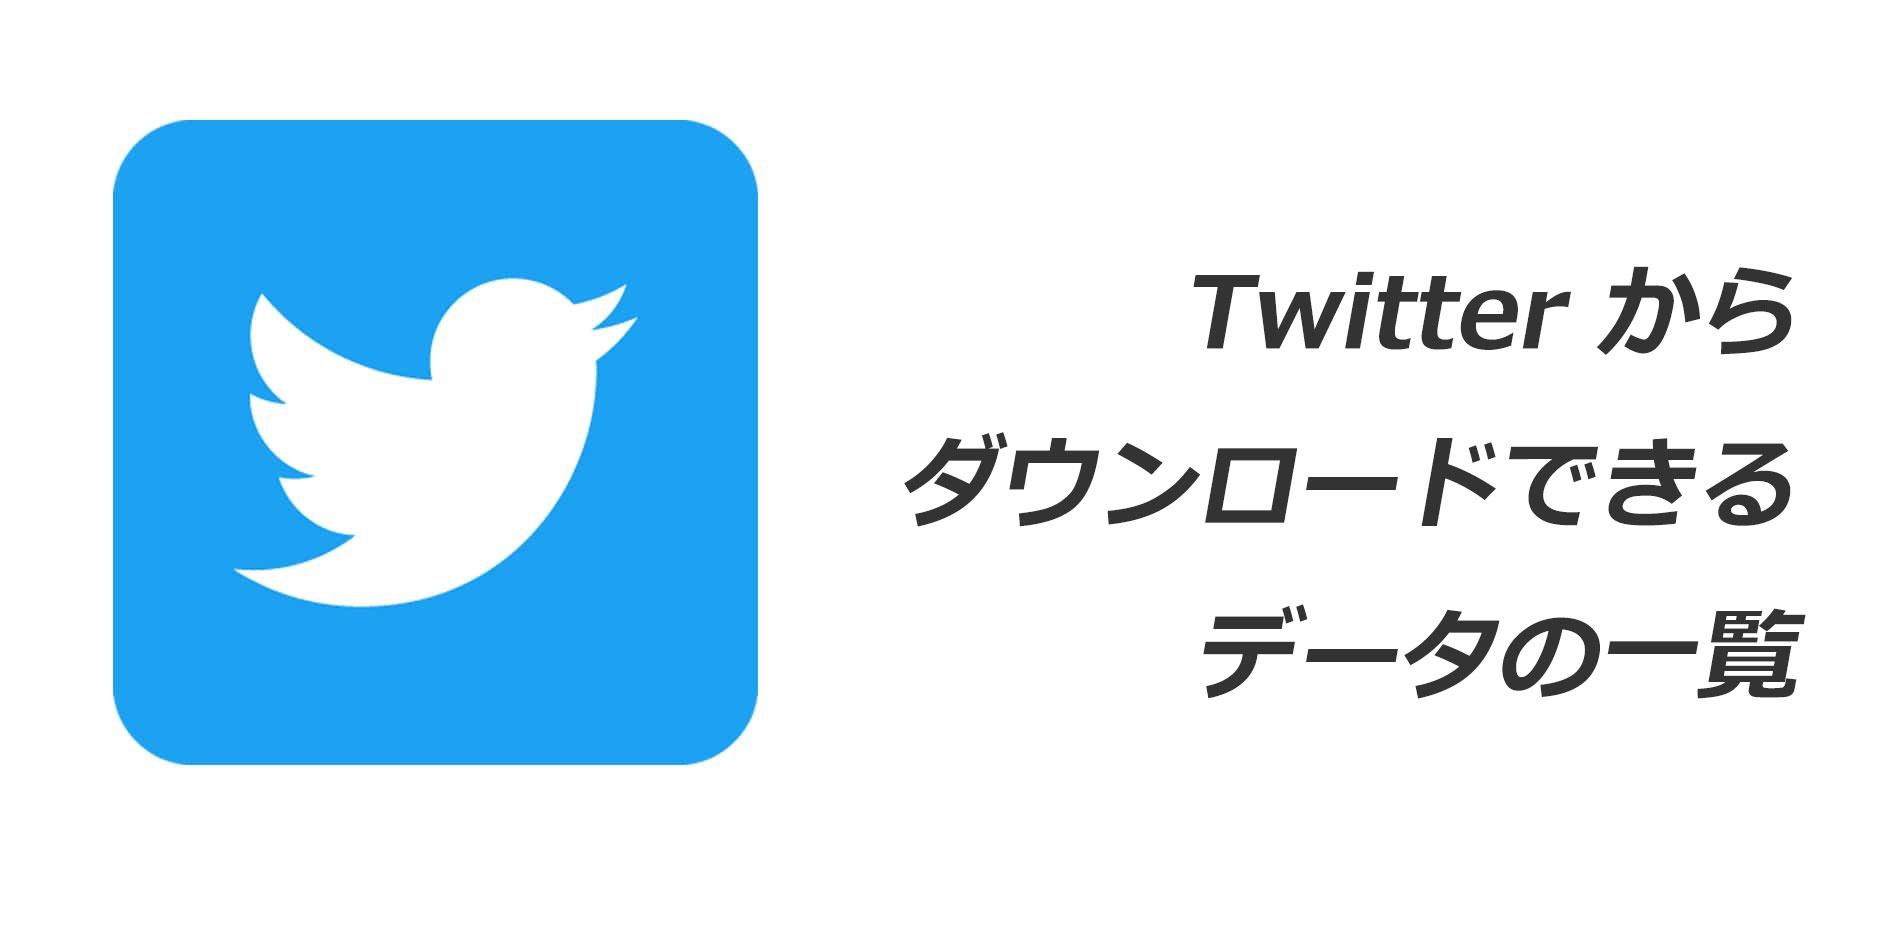 Twitter から ダウンロードできる データの一覧